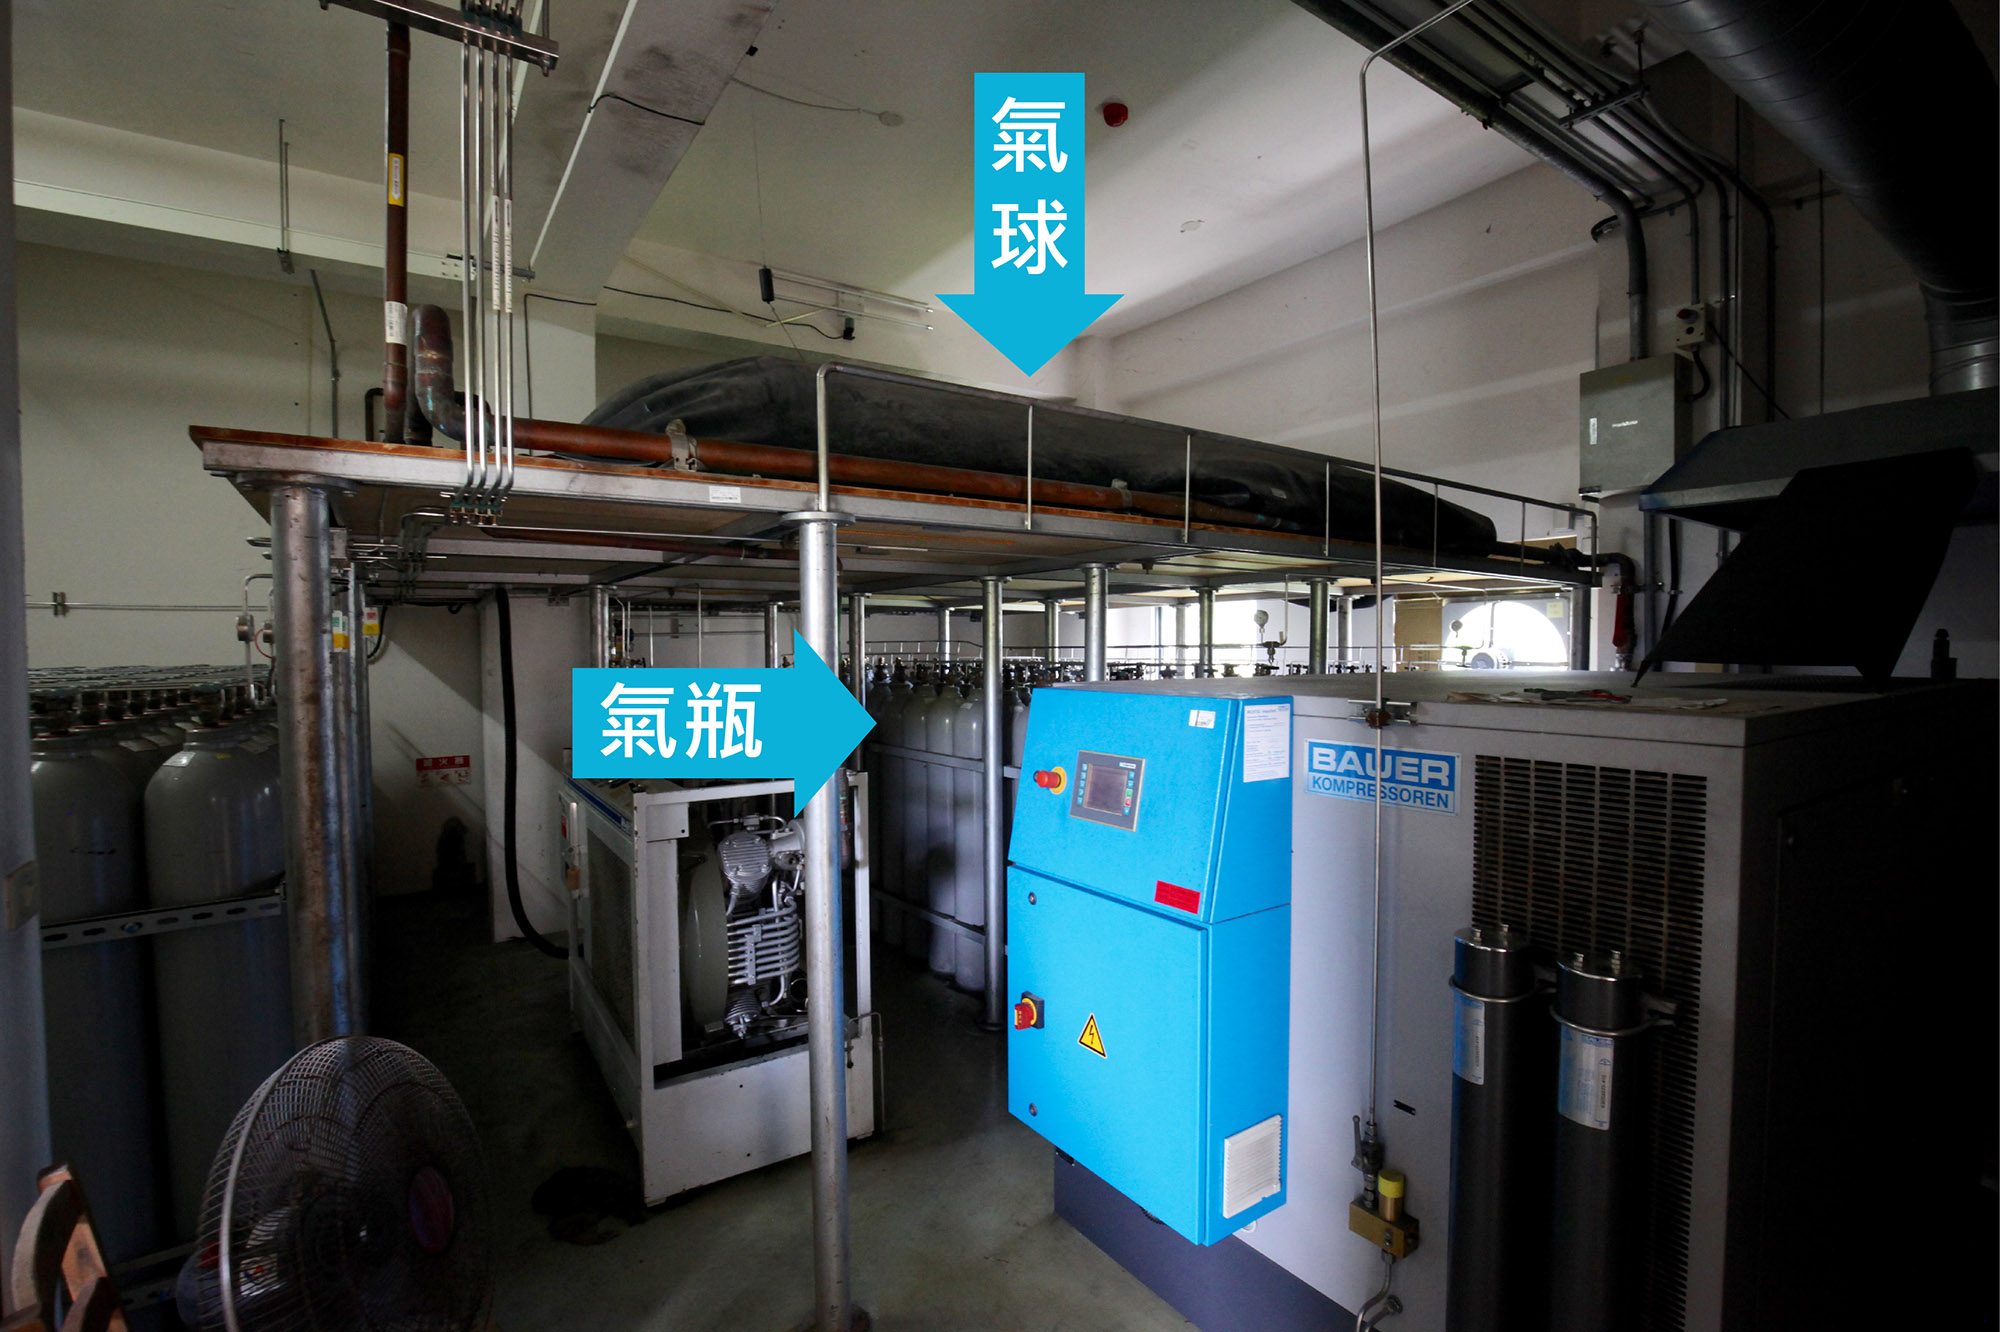 氦氣液化系統:從物理所回收的氦氣,會先儲存在上方的氣球,再壓縮分裝到鋼瓶中儲存備用。 攝影│廖英凱 圖說重製│張語辰